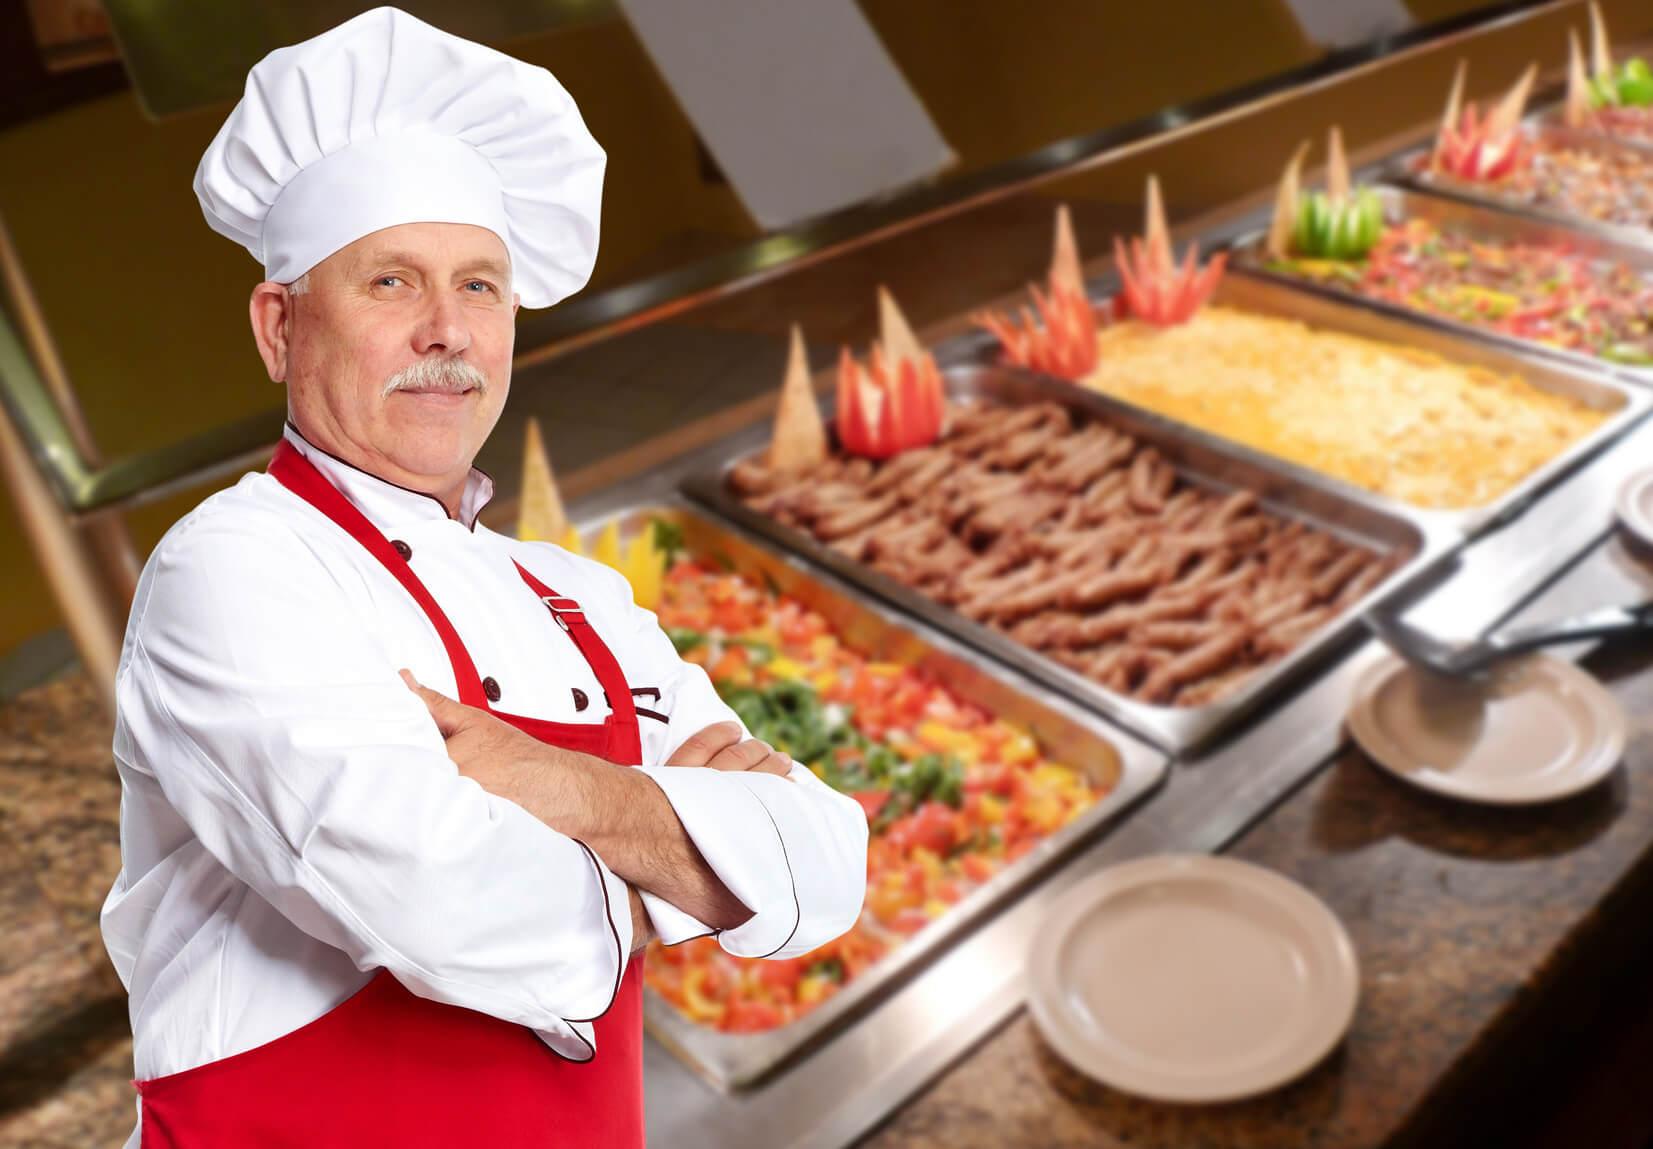 Definici n de buffet concepto en definici n abc for Definicion de gastronomia